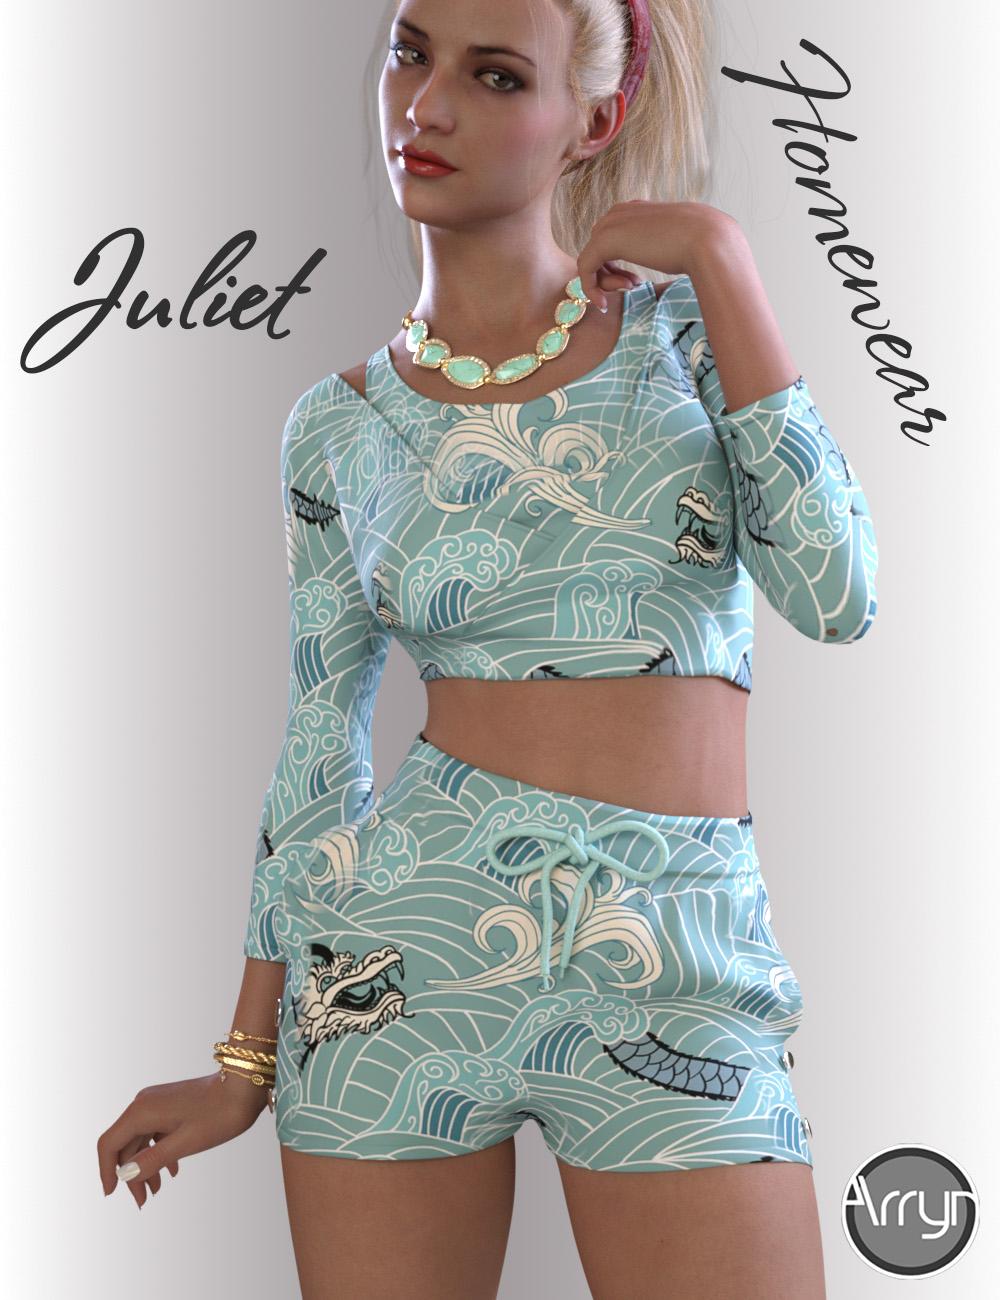 dForce Juliet Homewear for Genesis 8.1 Females by: OnnelArryn, 3D Models by Daz 3D